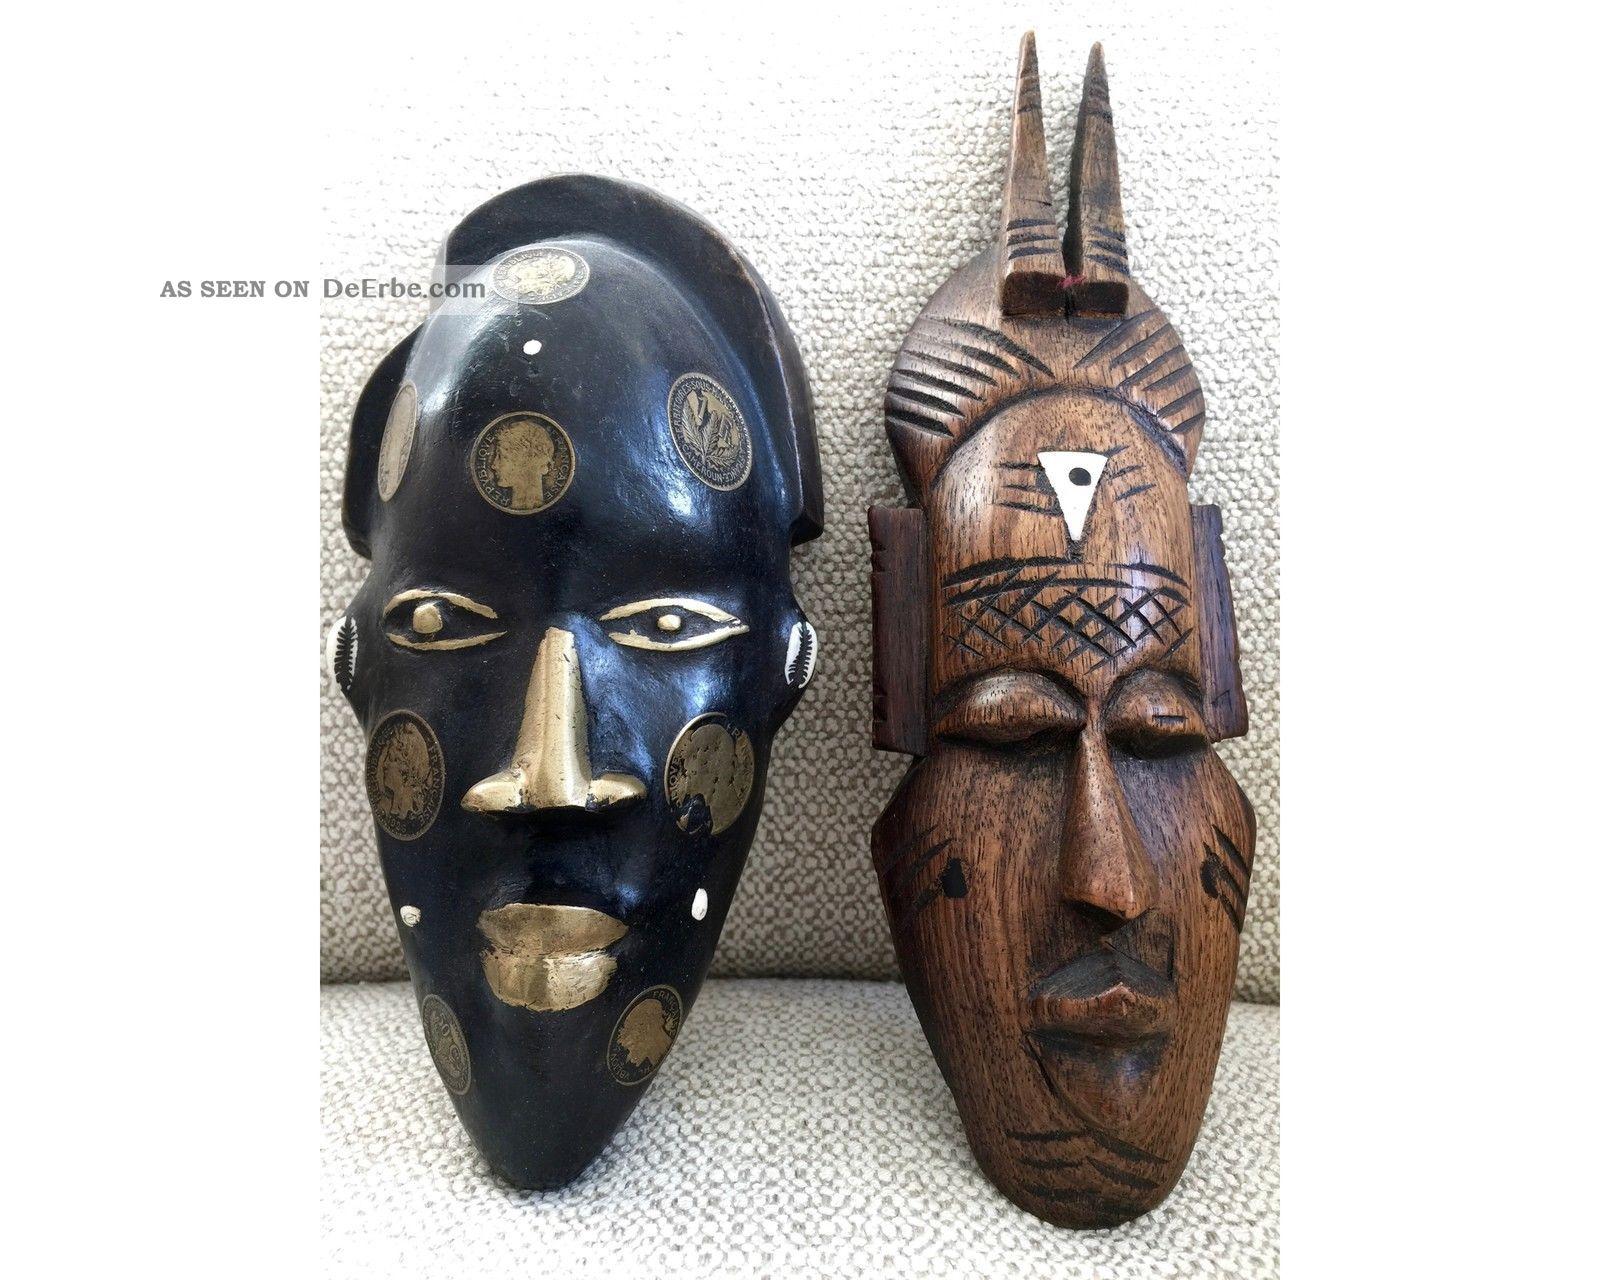 2 Alte Afrikanische Masken Holz Maske Afrika Kamerun Münzen Cameroun 1926 Entstehungszeit nach 1945 Bild